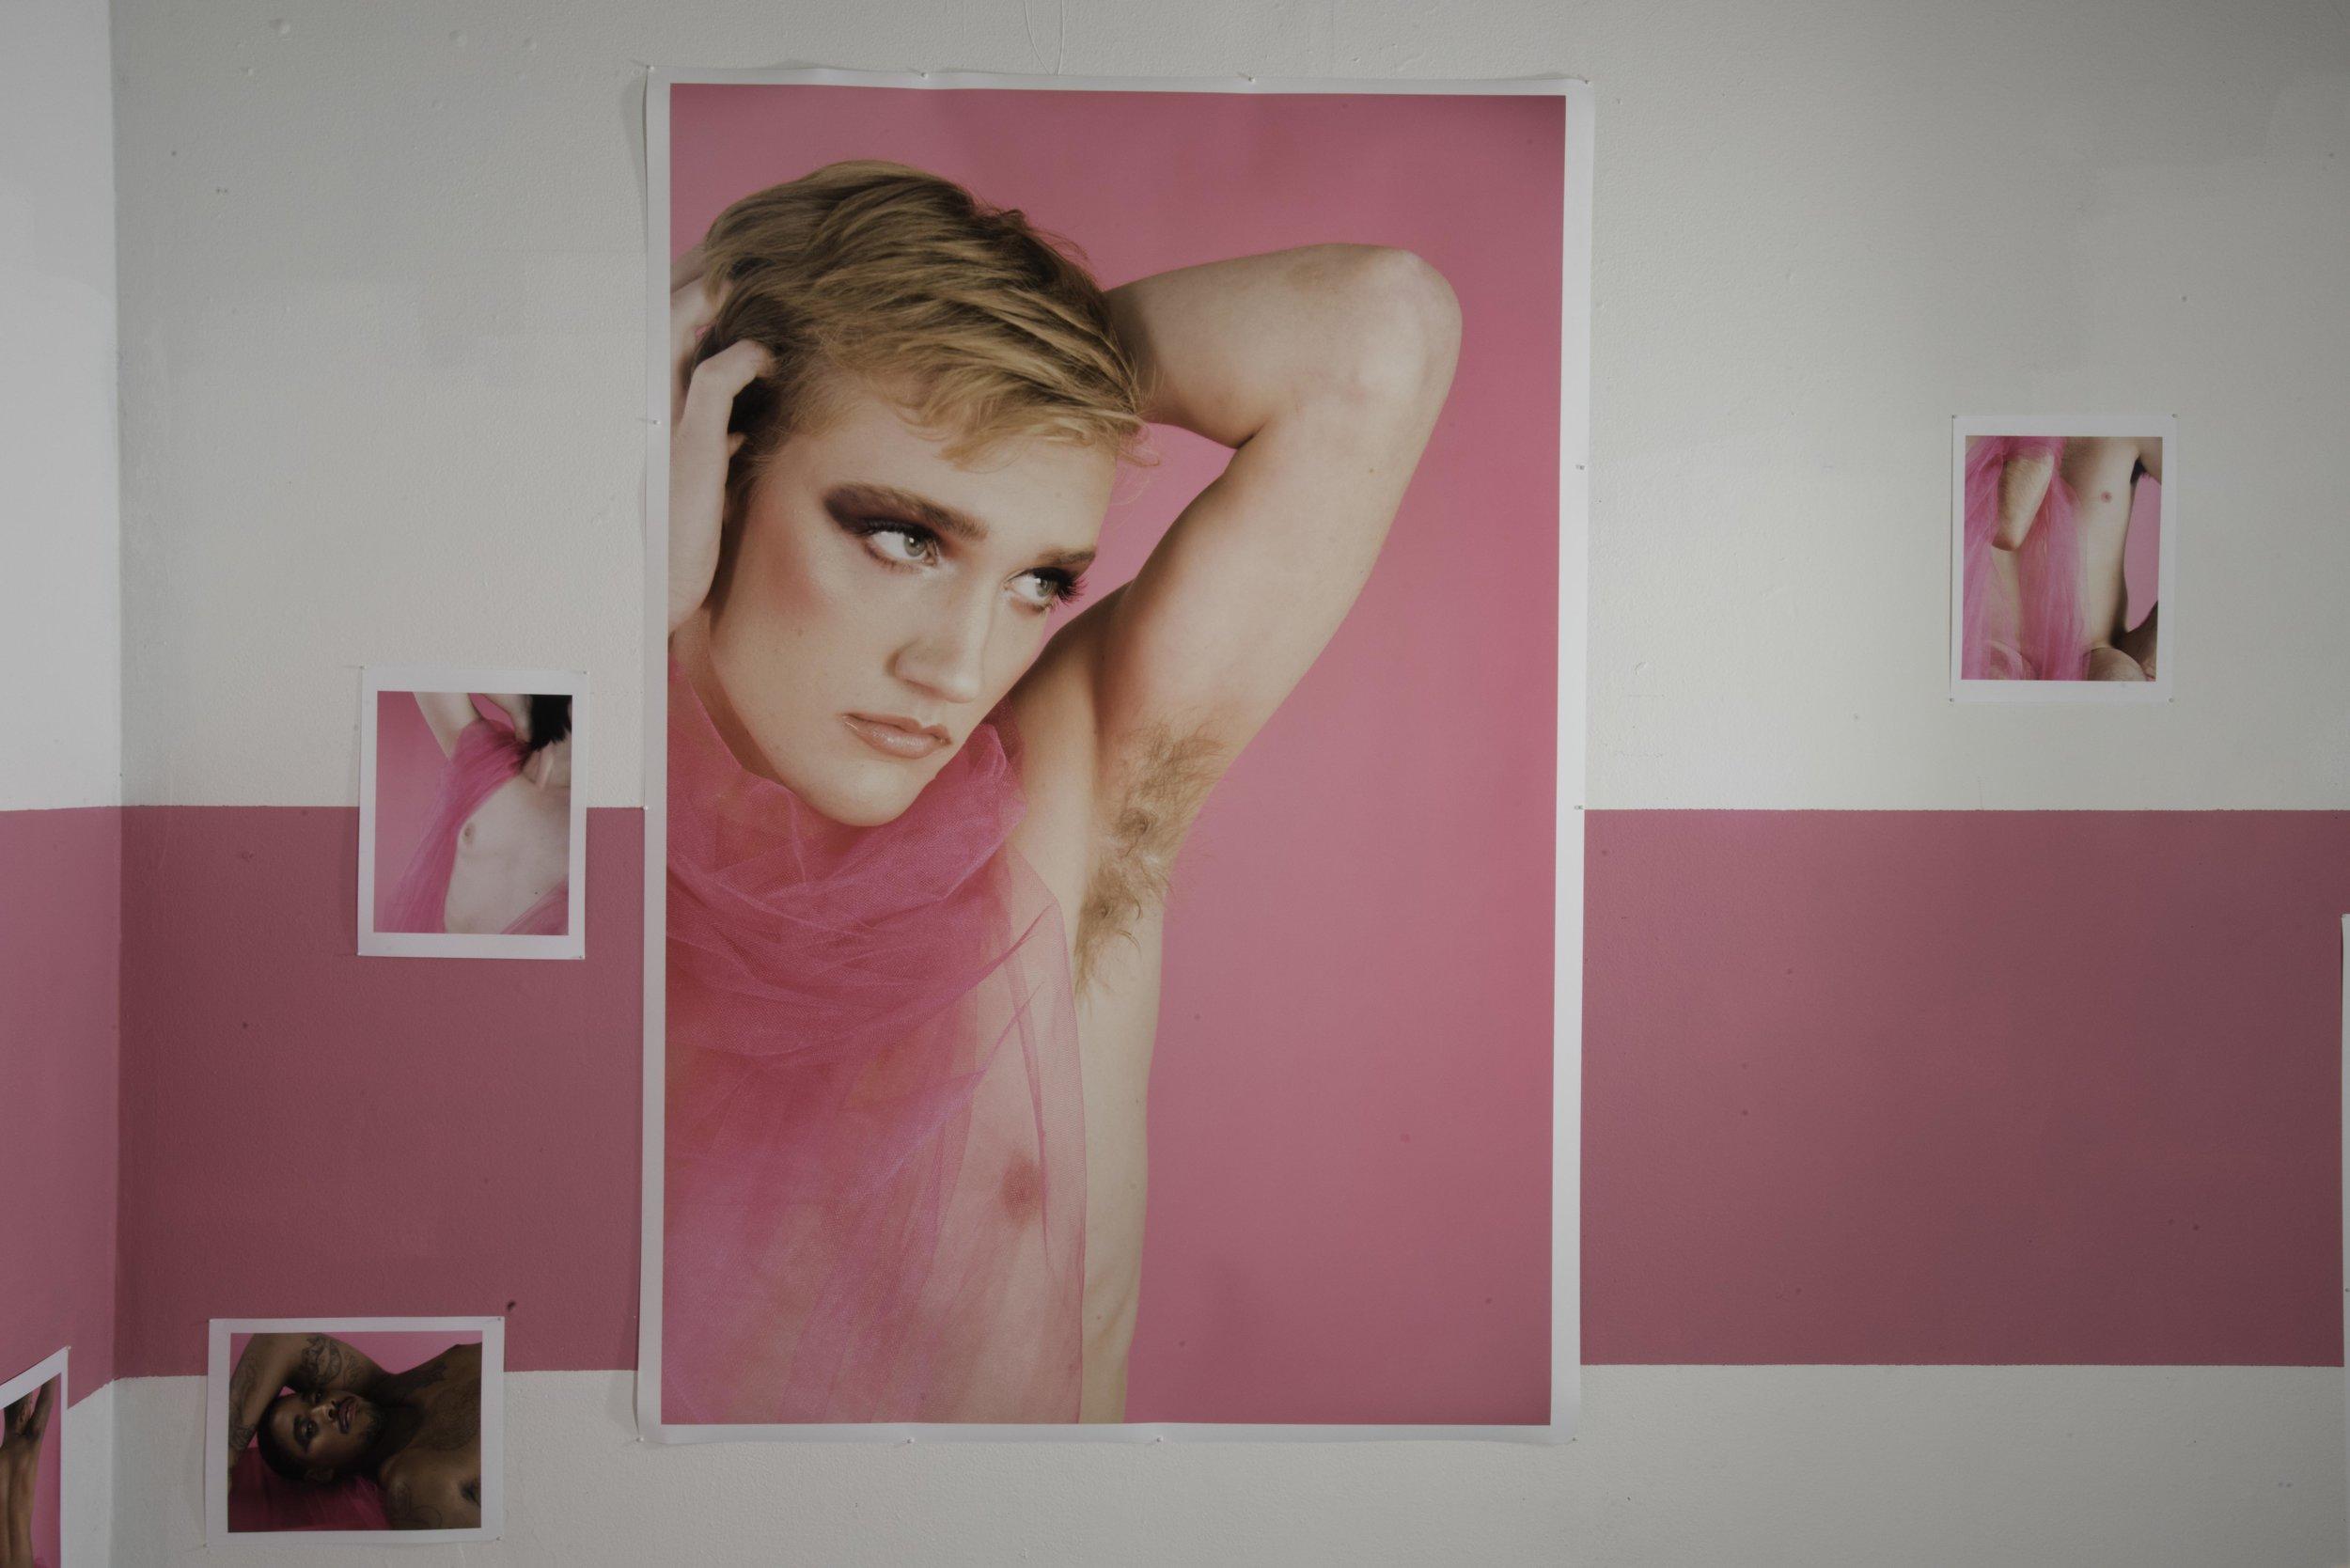 pinkinstall7.jpg